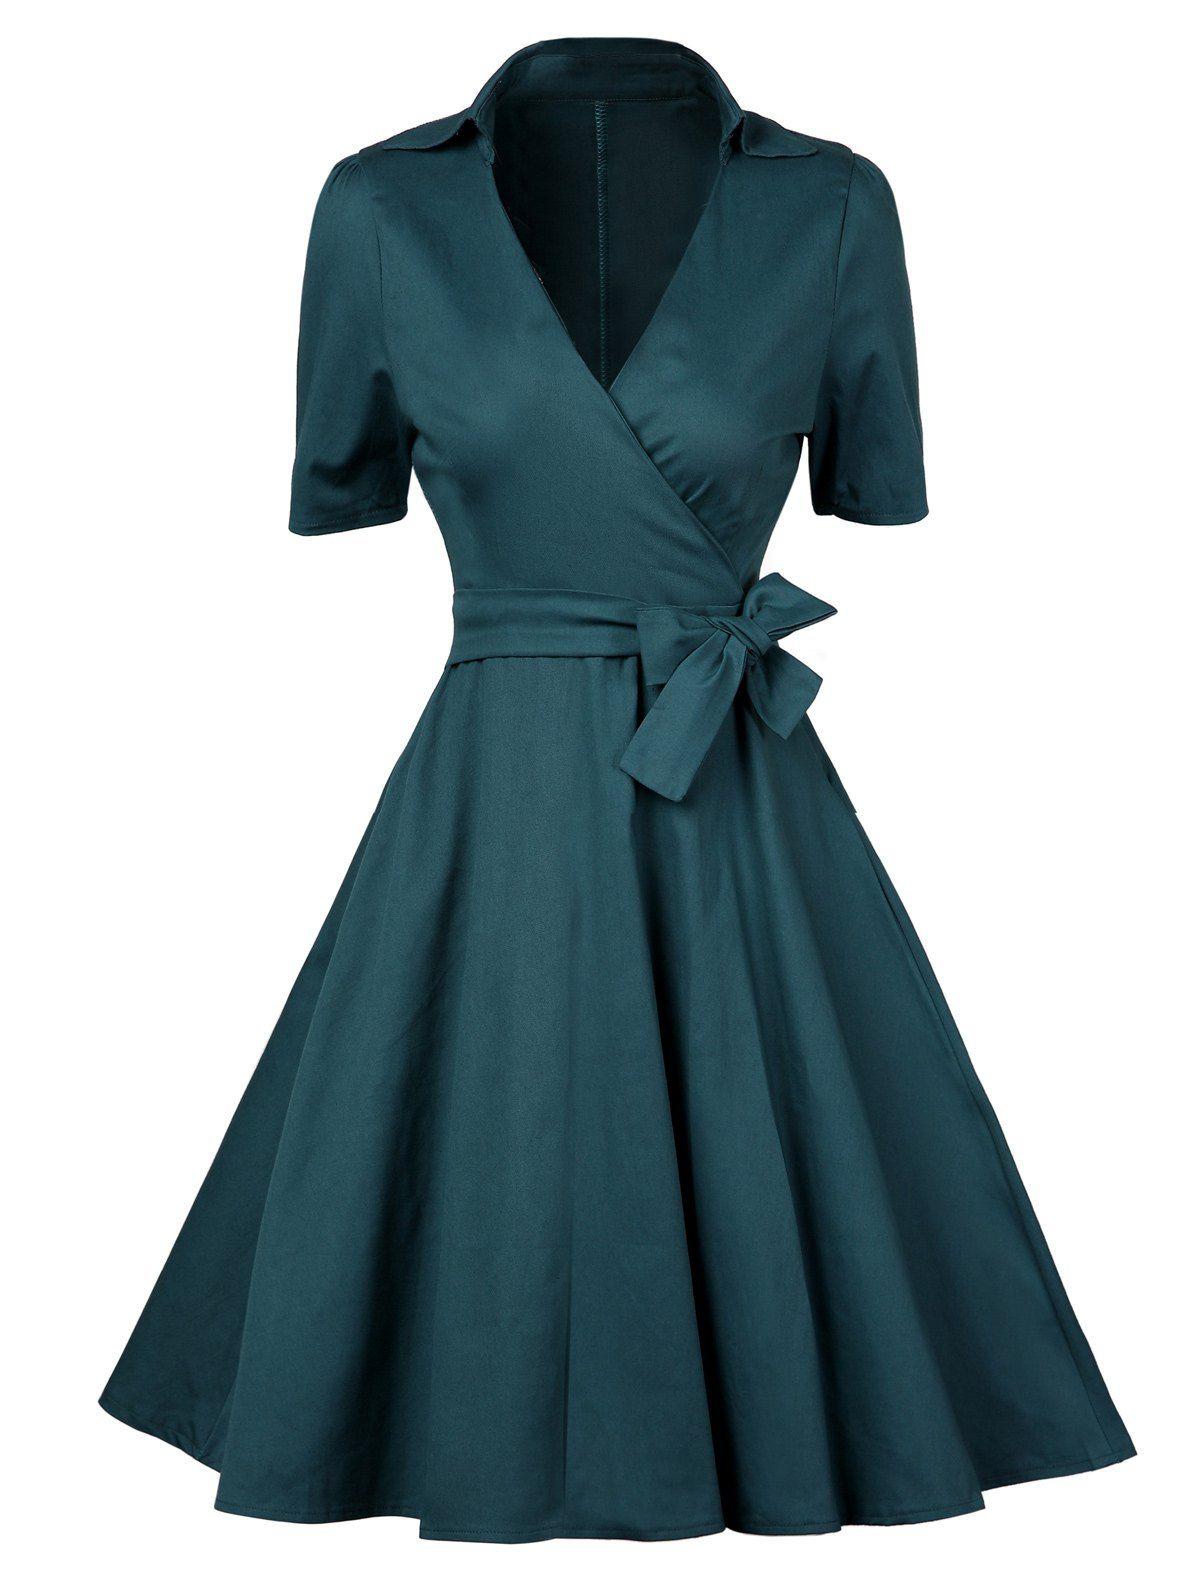 Low Cut Vintage Wrap Dress | Kostüm, Kleider und Nähen